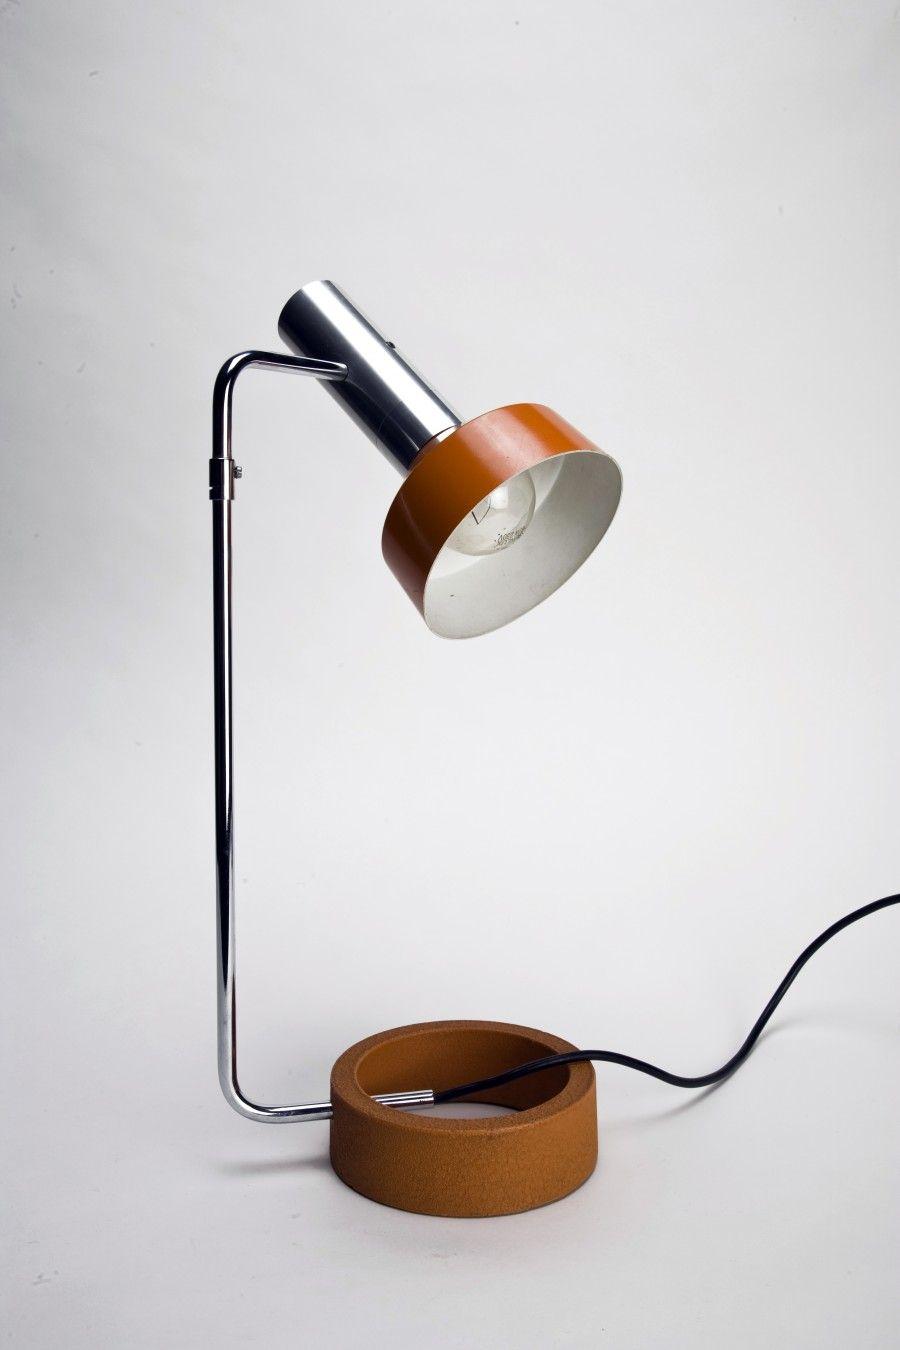 Orange Baltensweiler Desk Lamp Minilux Designer Rico Baltensweiler Producer Baltensweiler Ag Schreibtischlampe Bauhaus Lampen Lampen